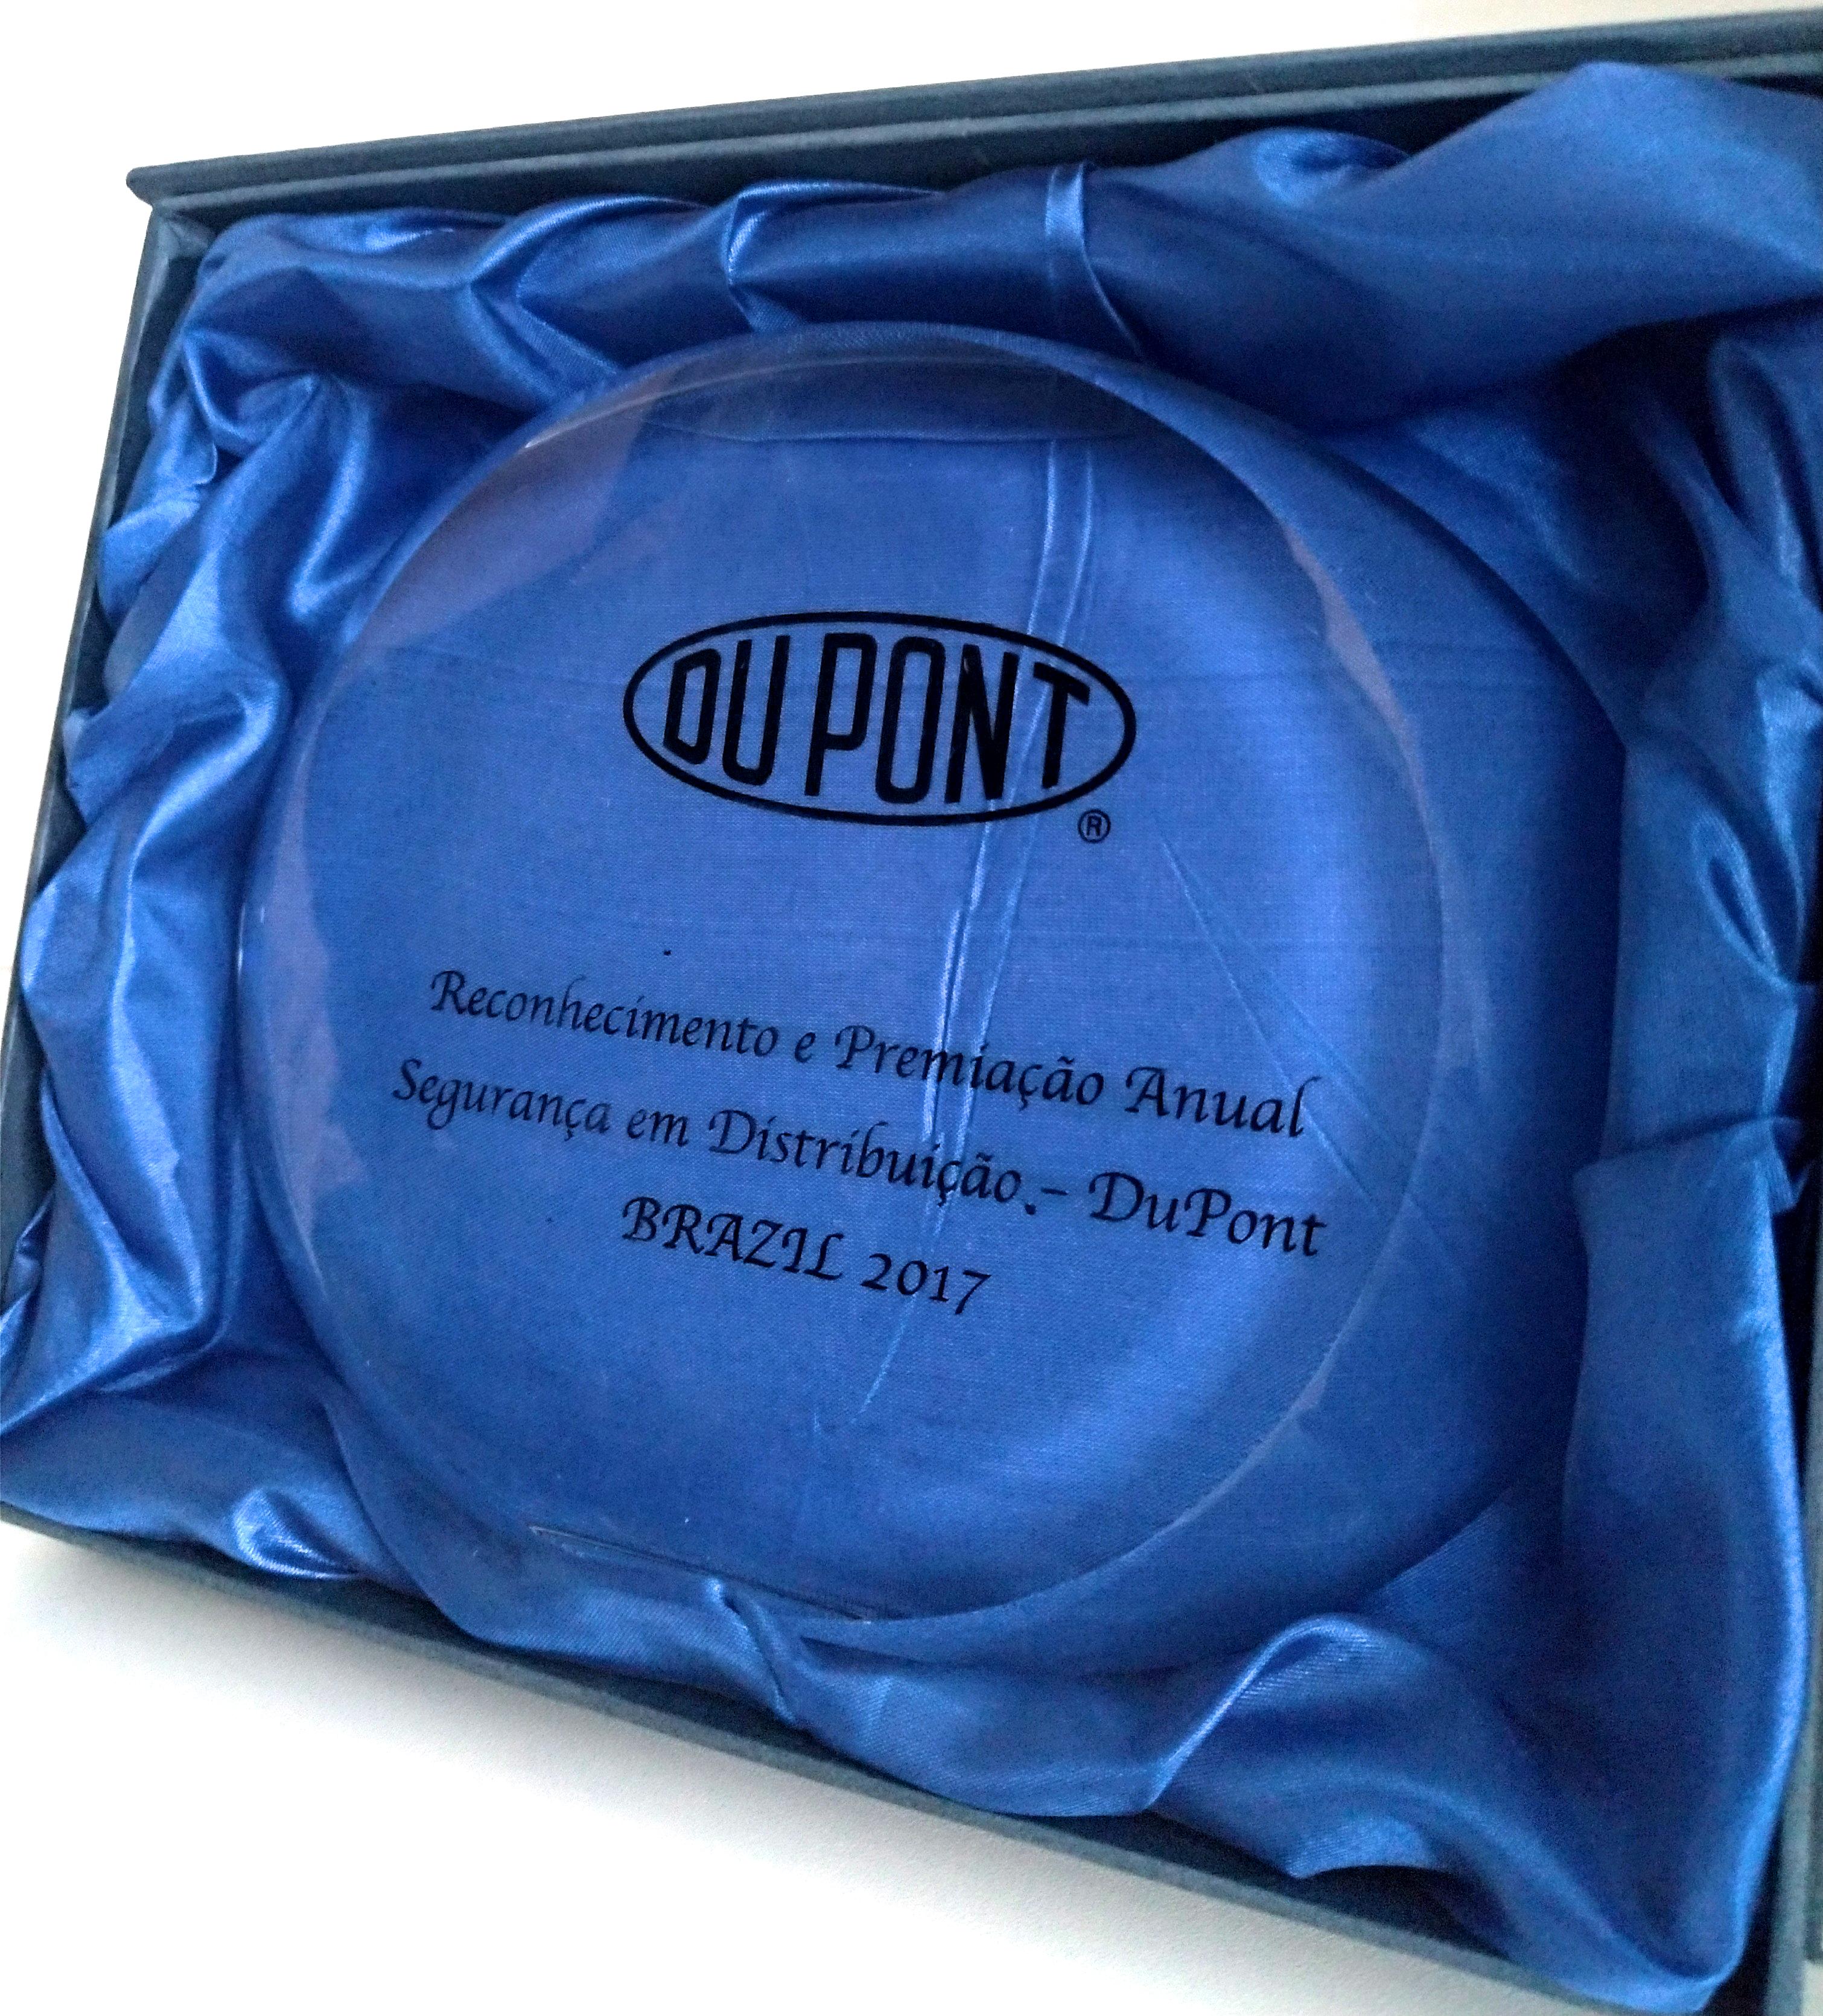 Prêmio Segurança em Distribuição - Dupont